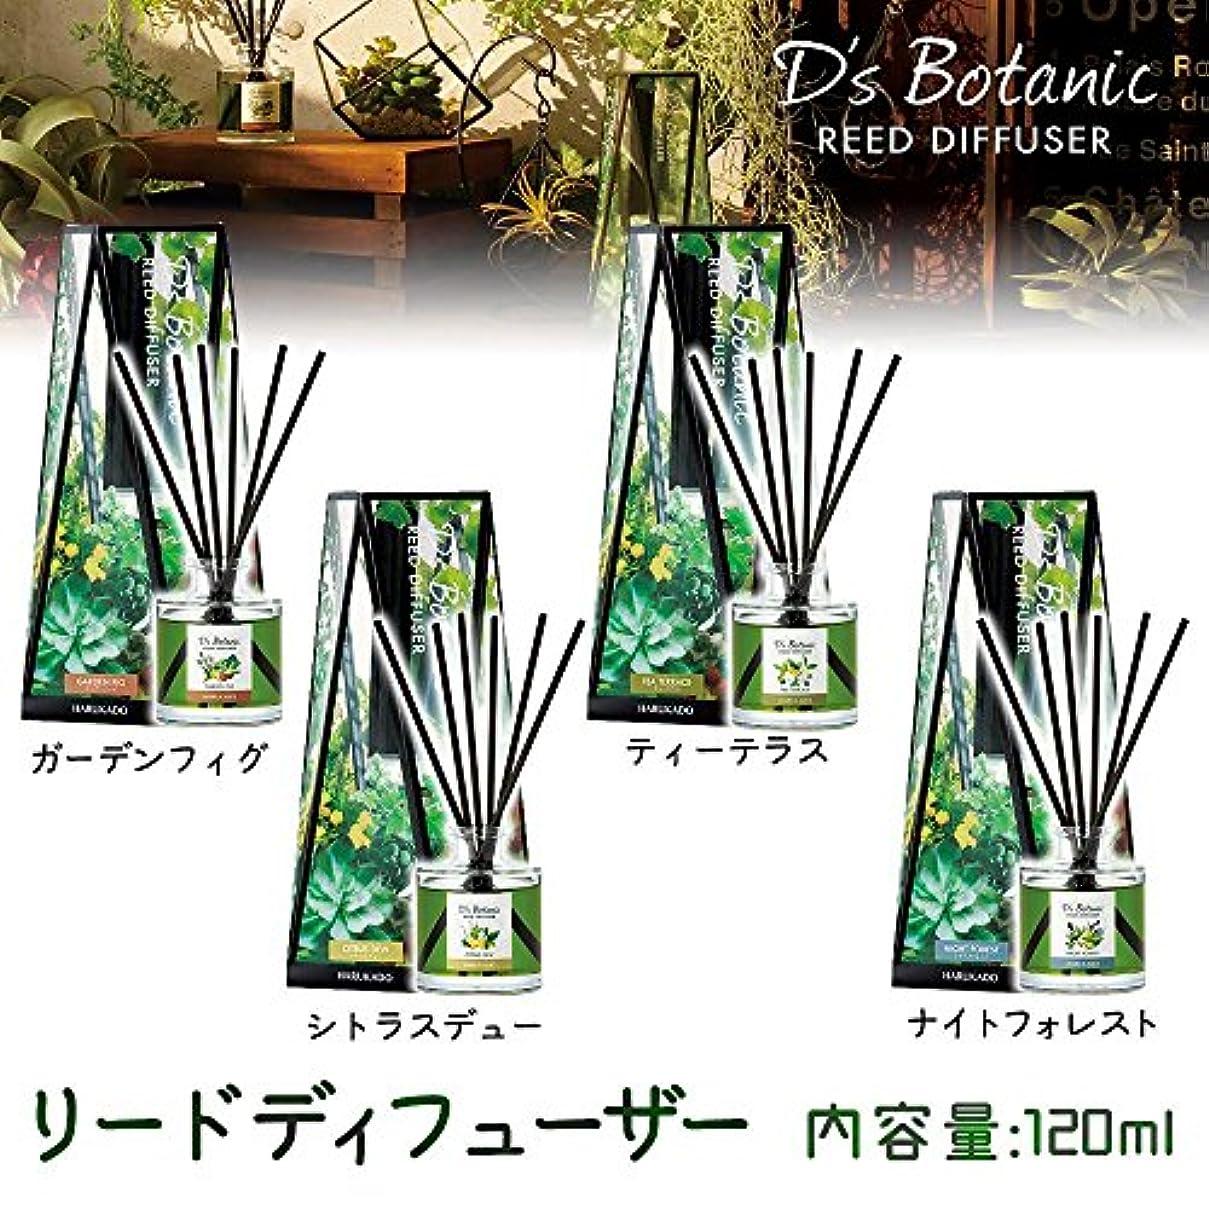 失敗キャラクターに対処するD'S Botanic(デイズボタニック) リードディフューザー ルームフレグランス 120ml シトラスデュー?6229【人気 おすすめ 】